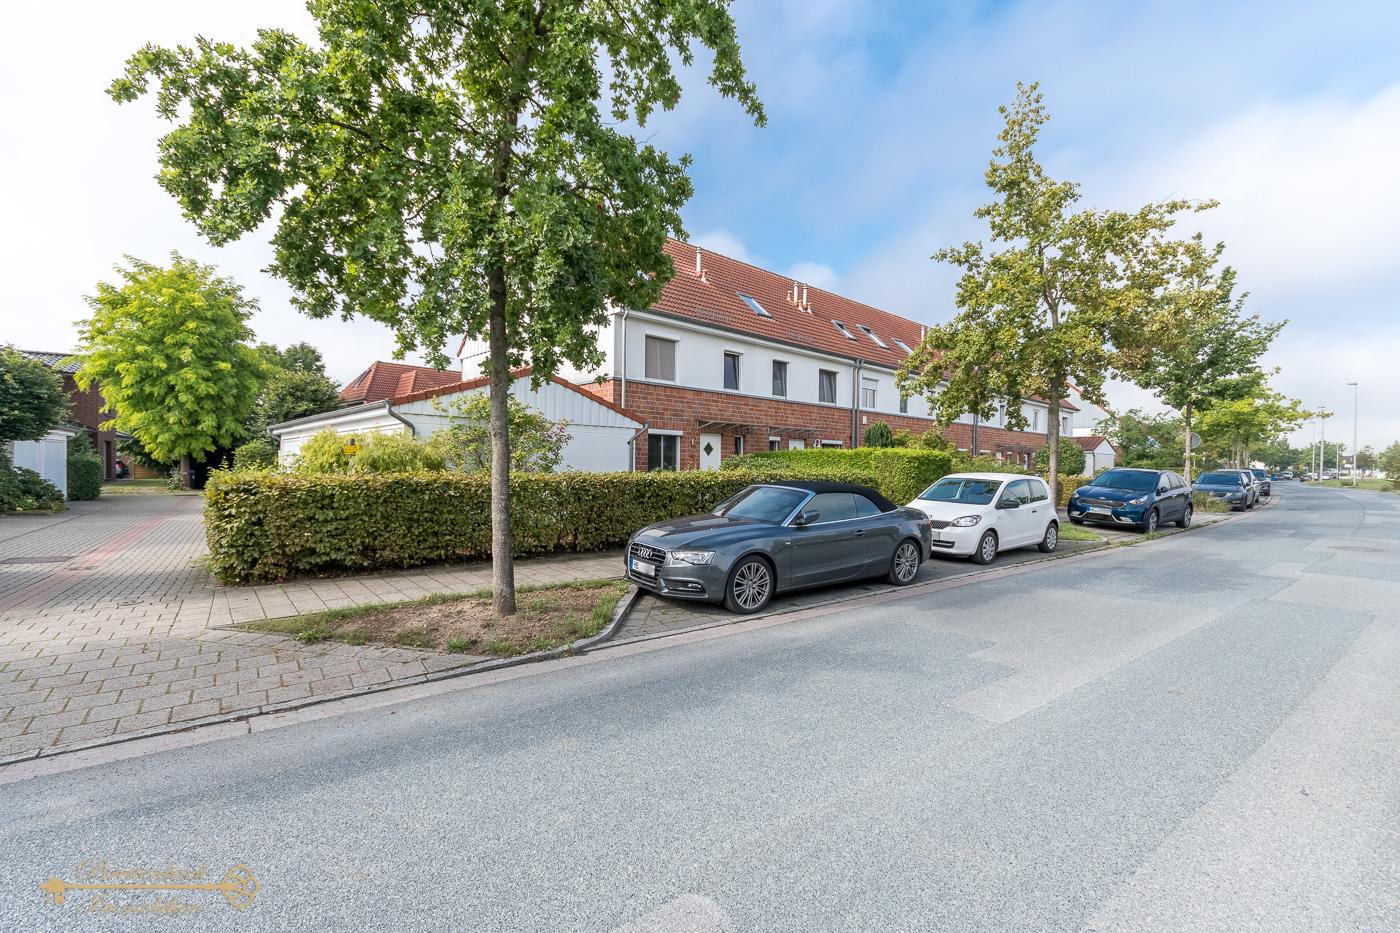 2019-09-08-Breitenbach-Immobilien-10